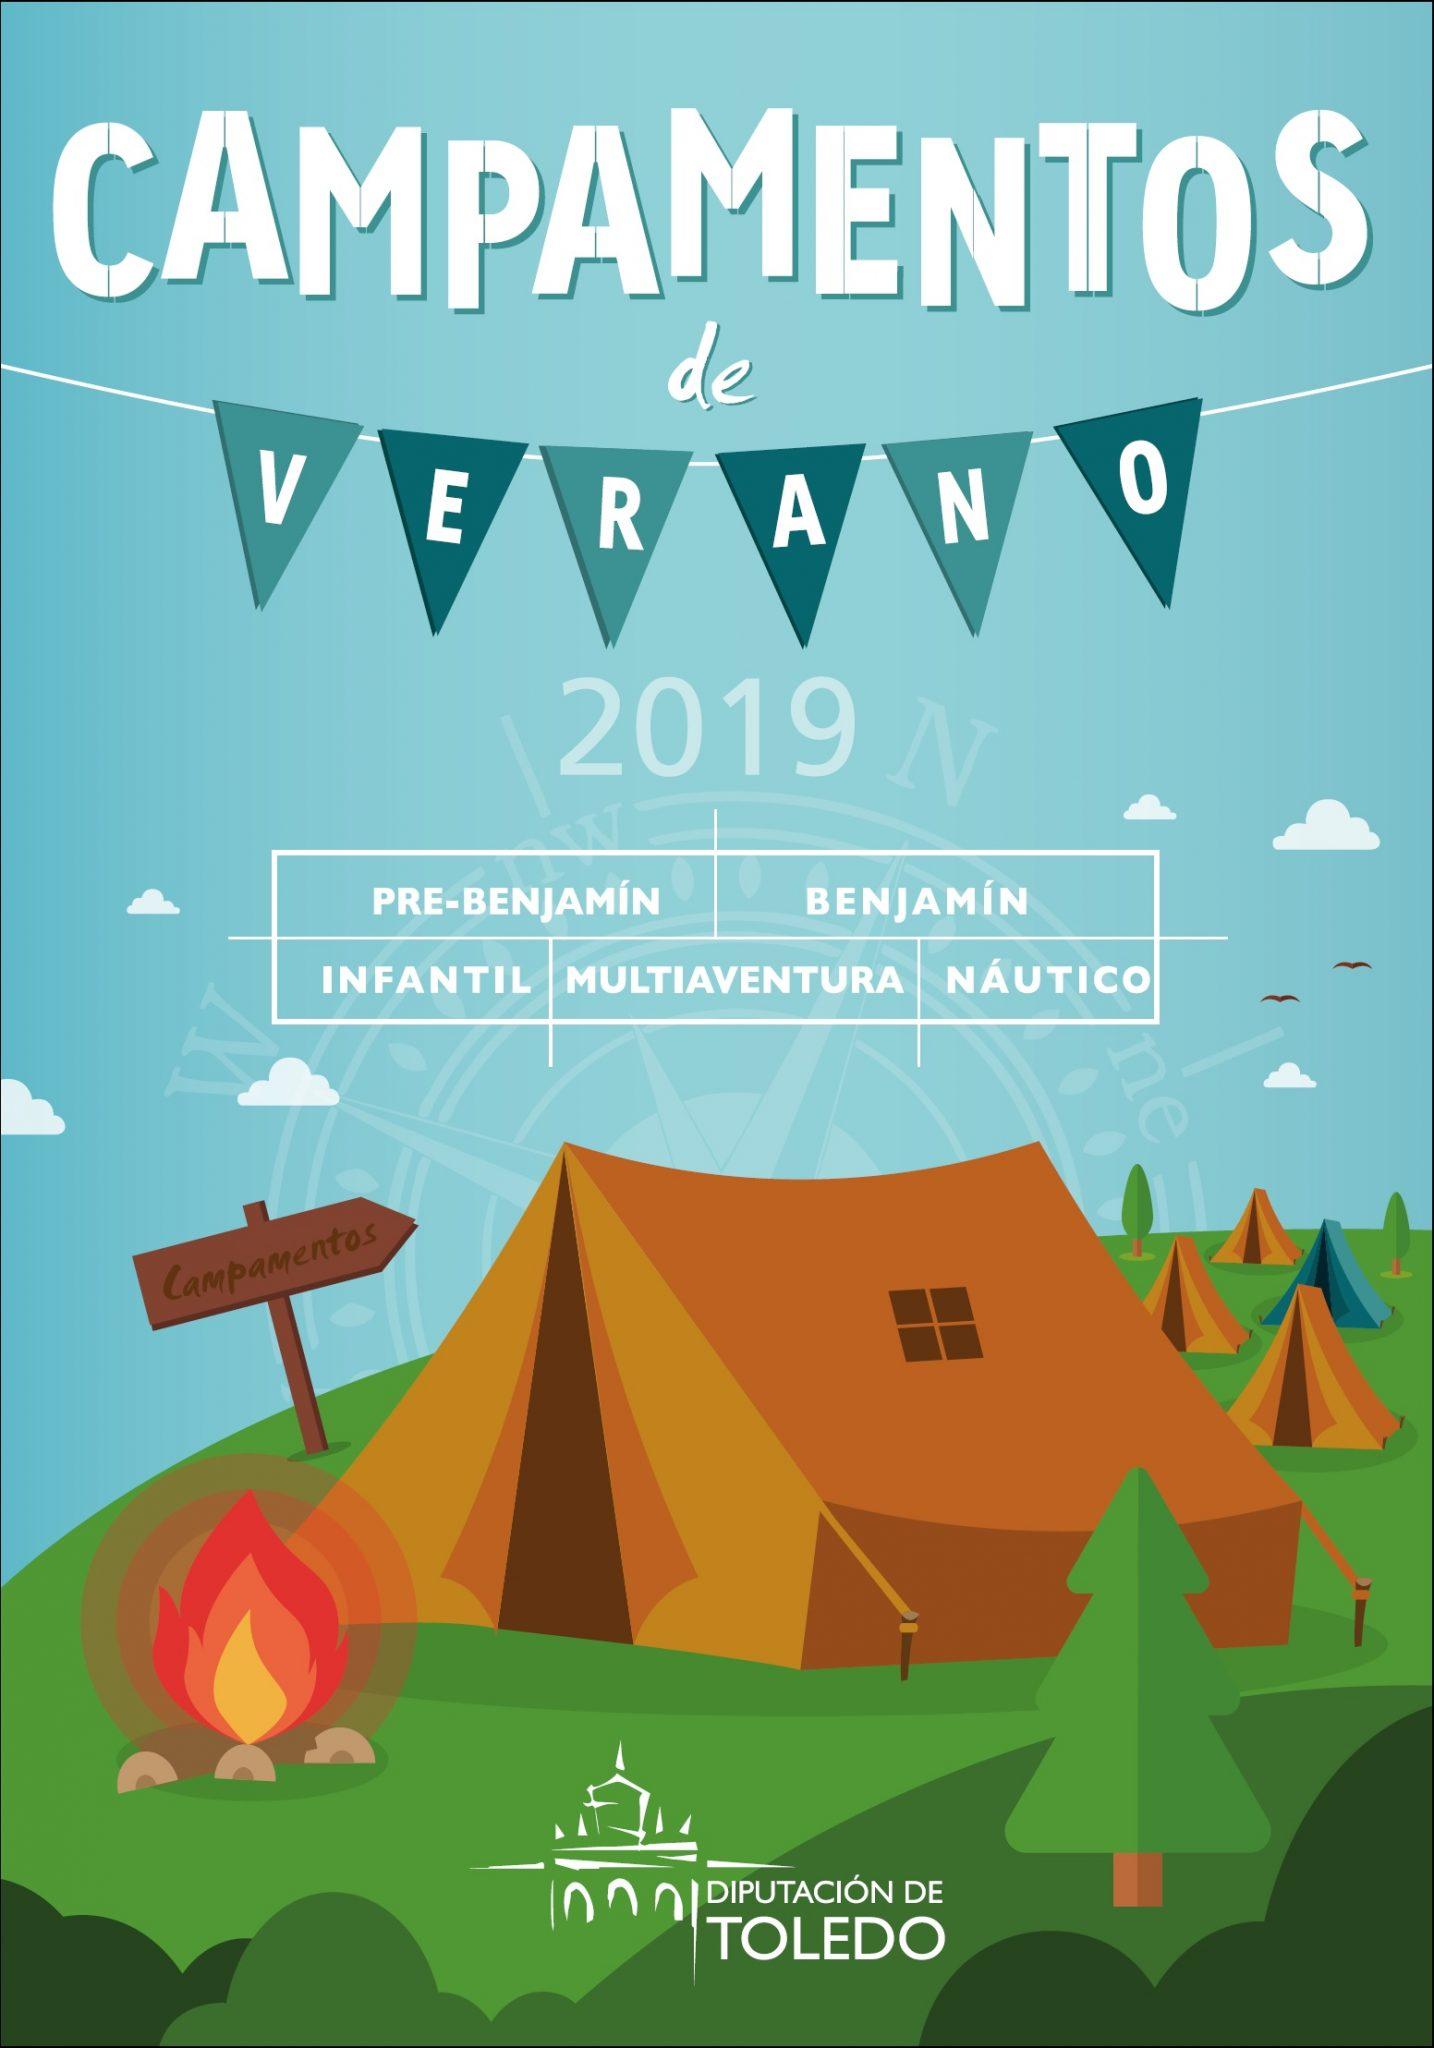 Campamentos de verano de la Diputación de Toledo 2019